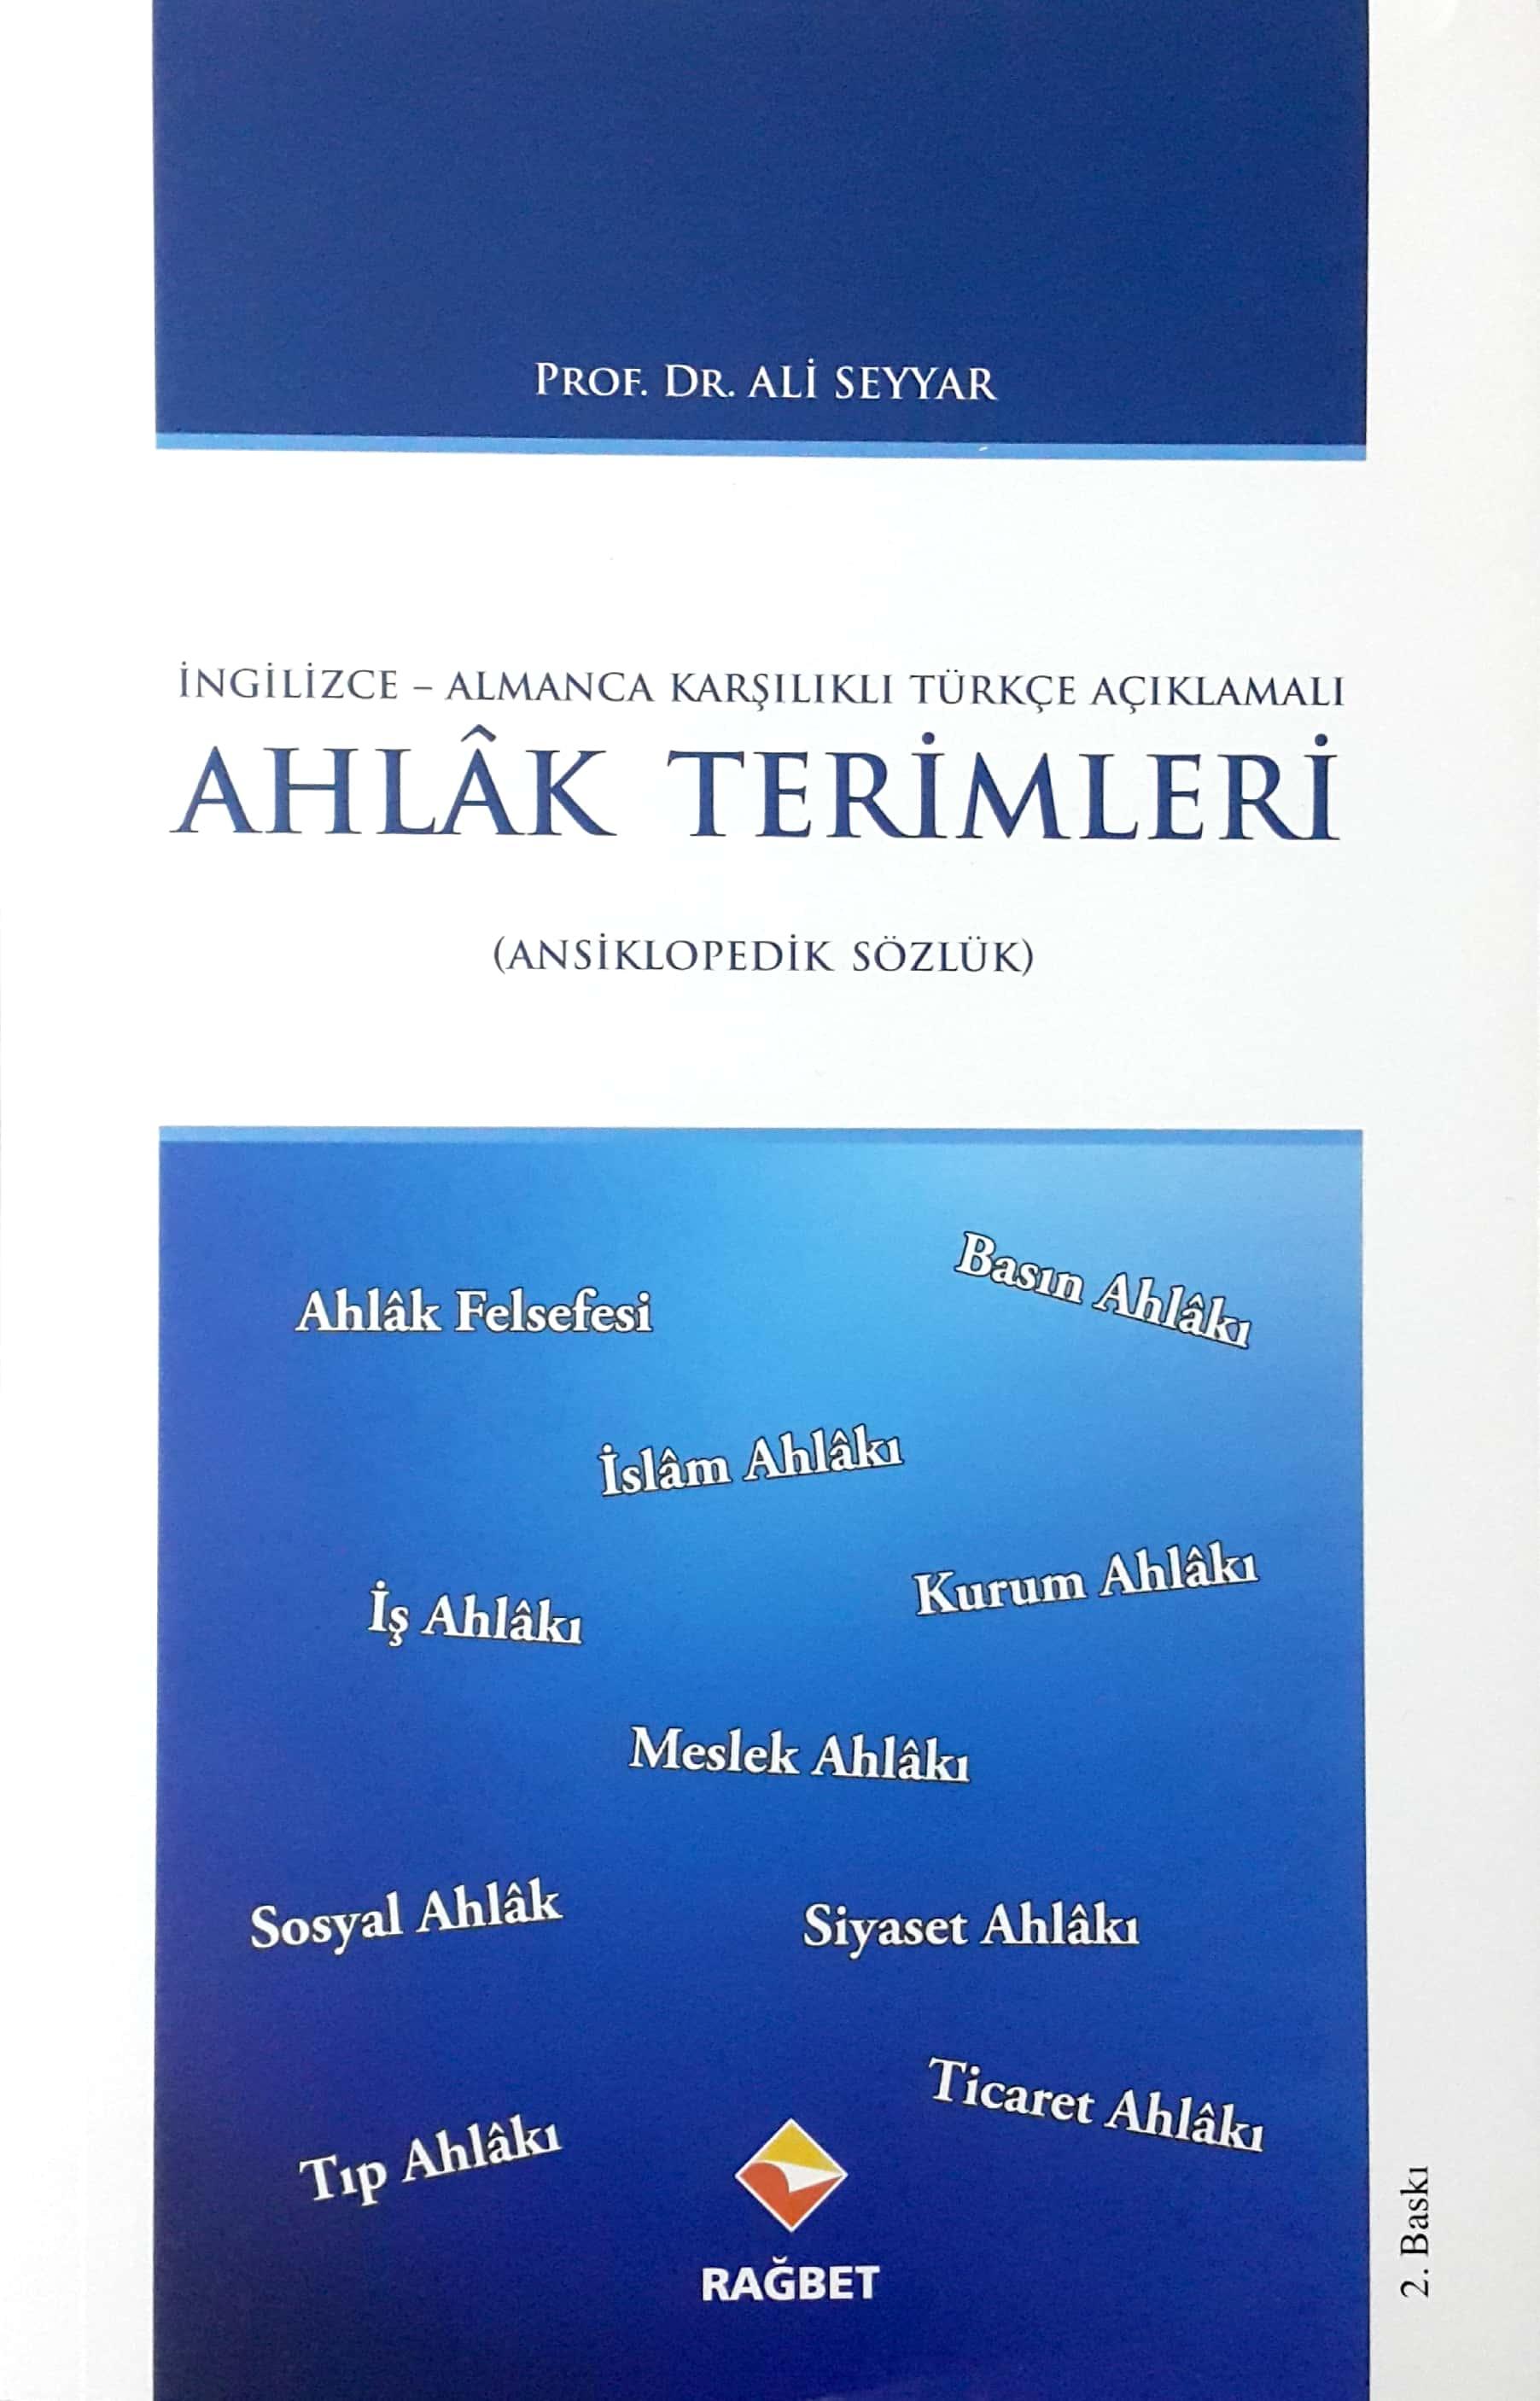 Ahlak Terimleri; Ansiklopedik Sözlük